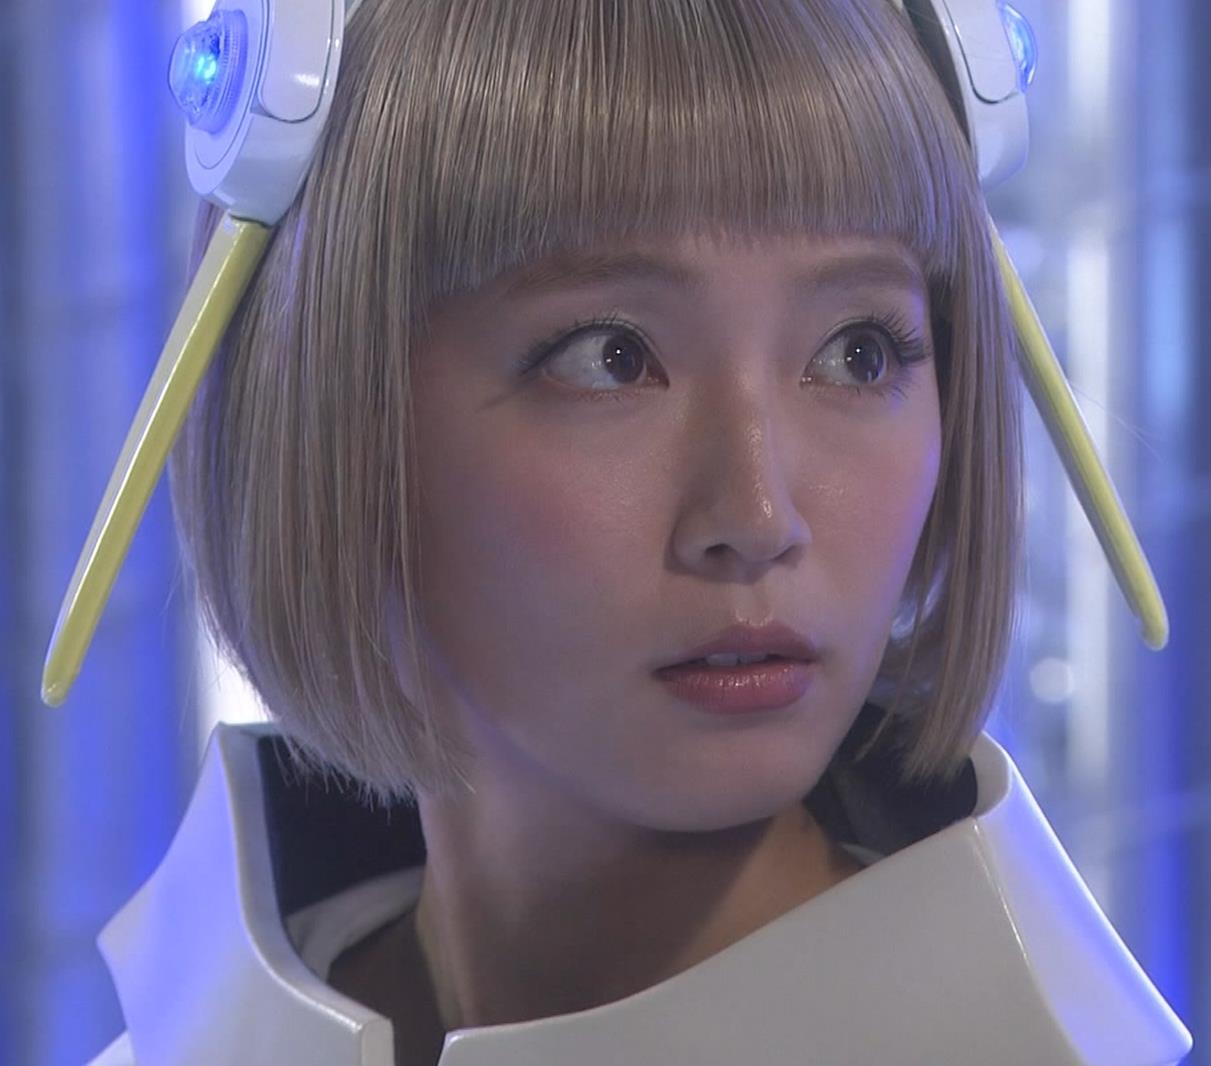 吉岡里帆 コスプレ衣装で乳が際立つキャプ・エロ画像5